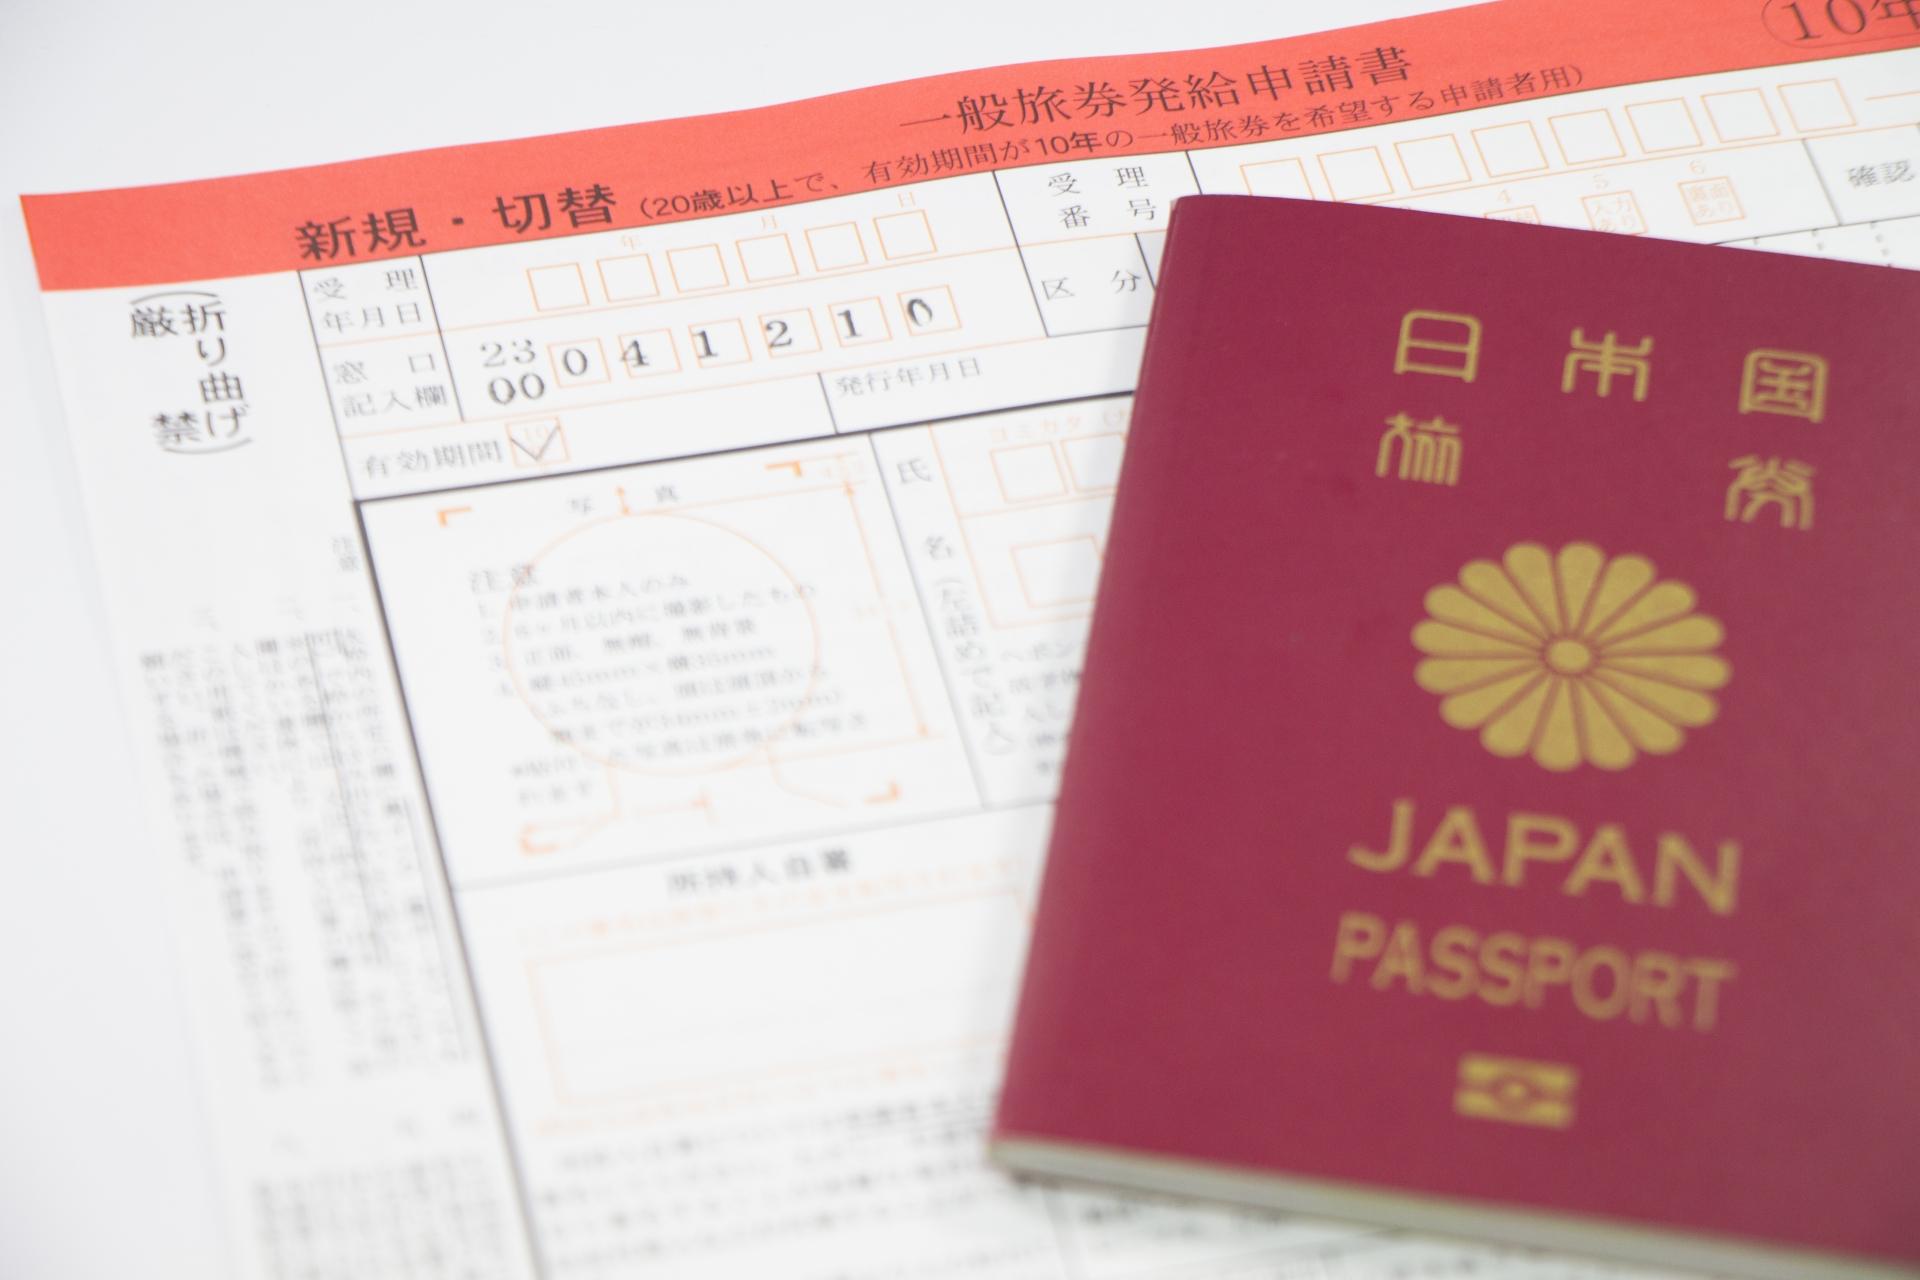 【国際結婚】婚姻届提出後の諸手続き!~パスポート申請から名義変更まで~